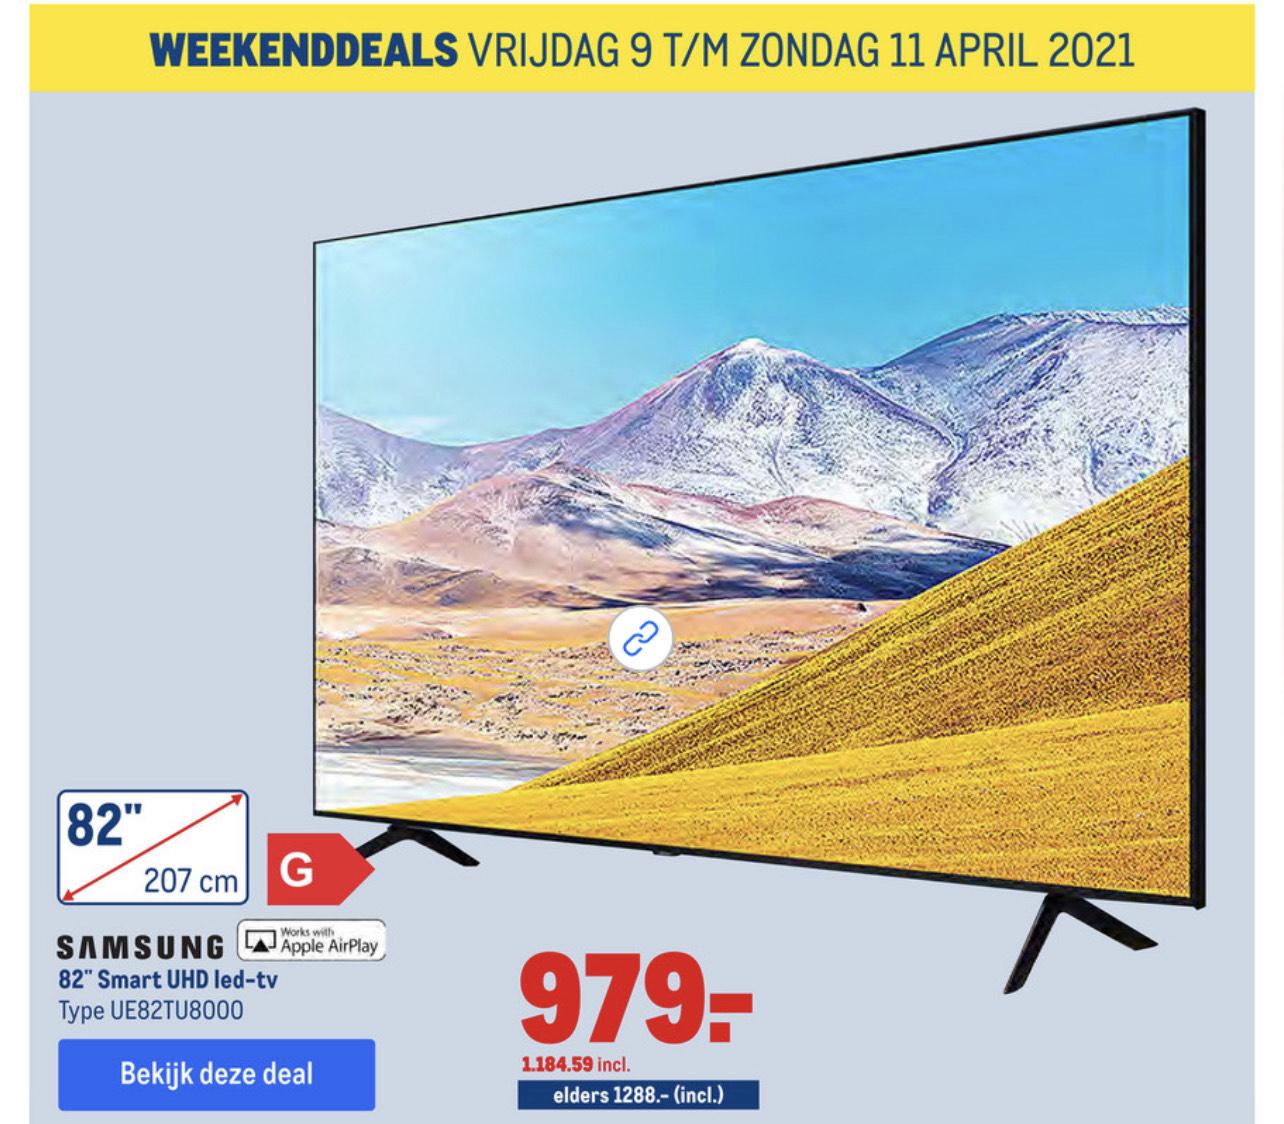 82 inch led TV Samsung UE82TU8000 voor 979 excl BTW